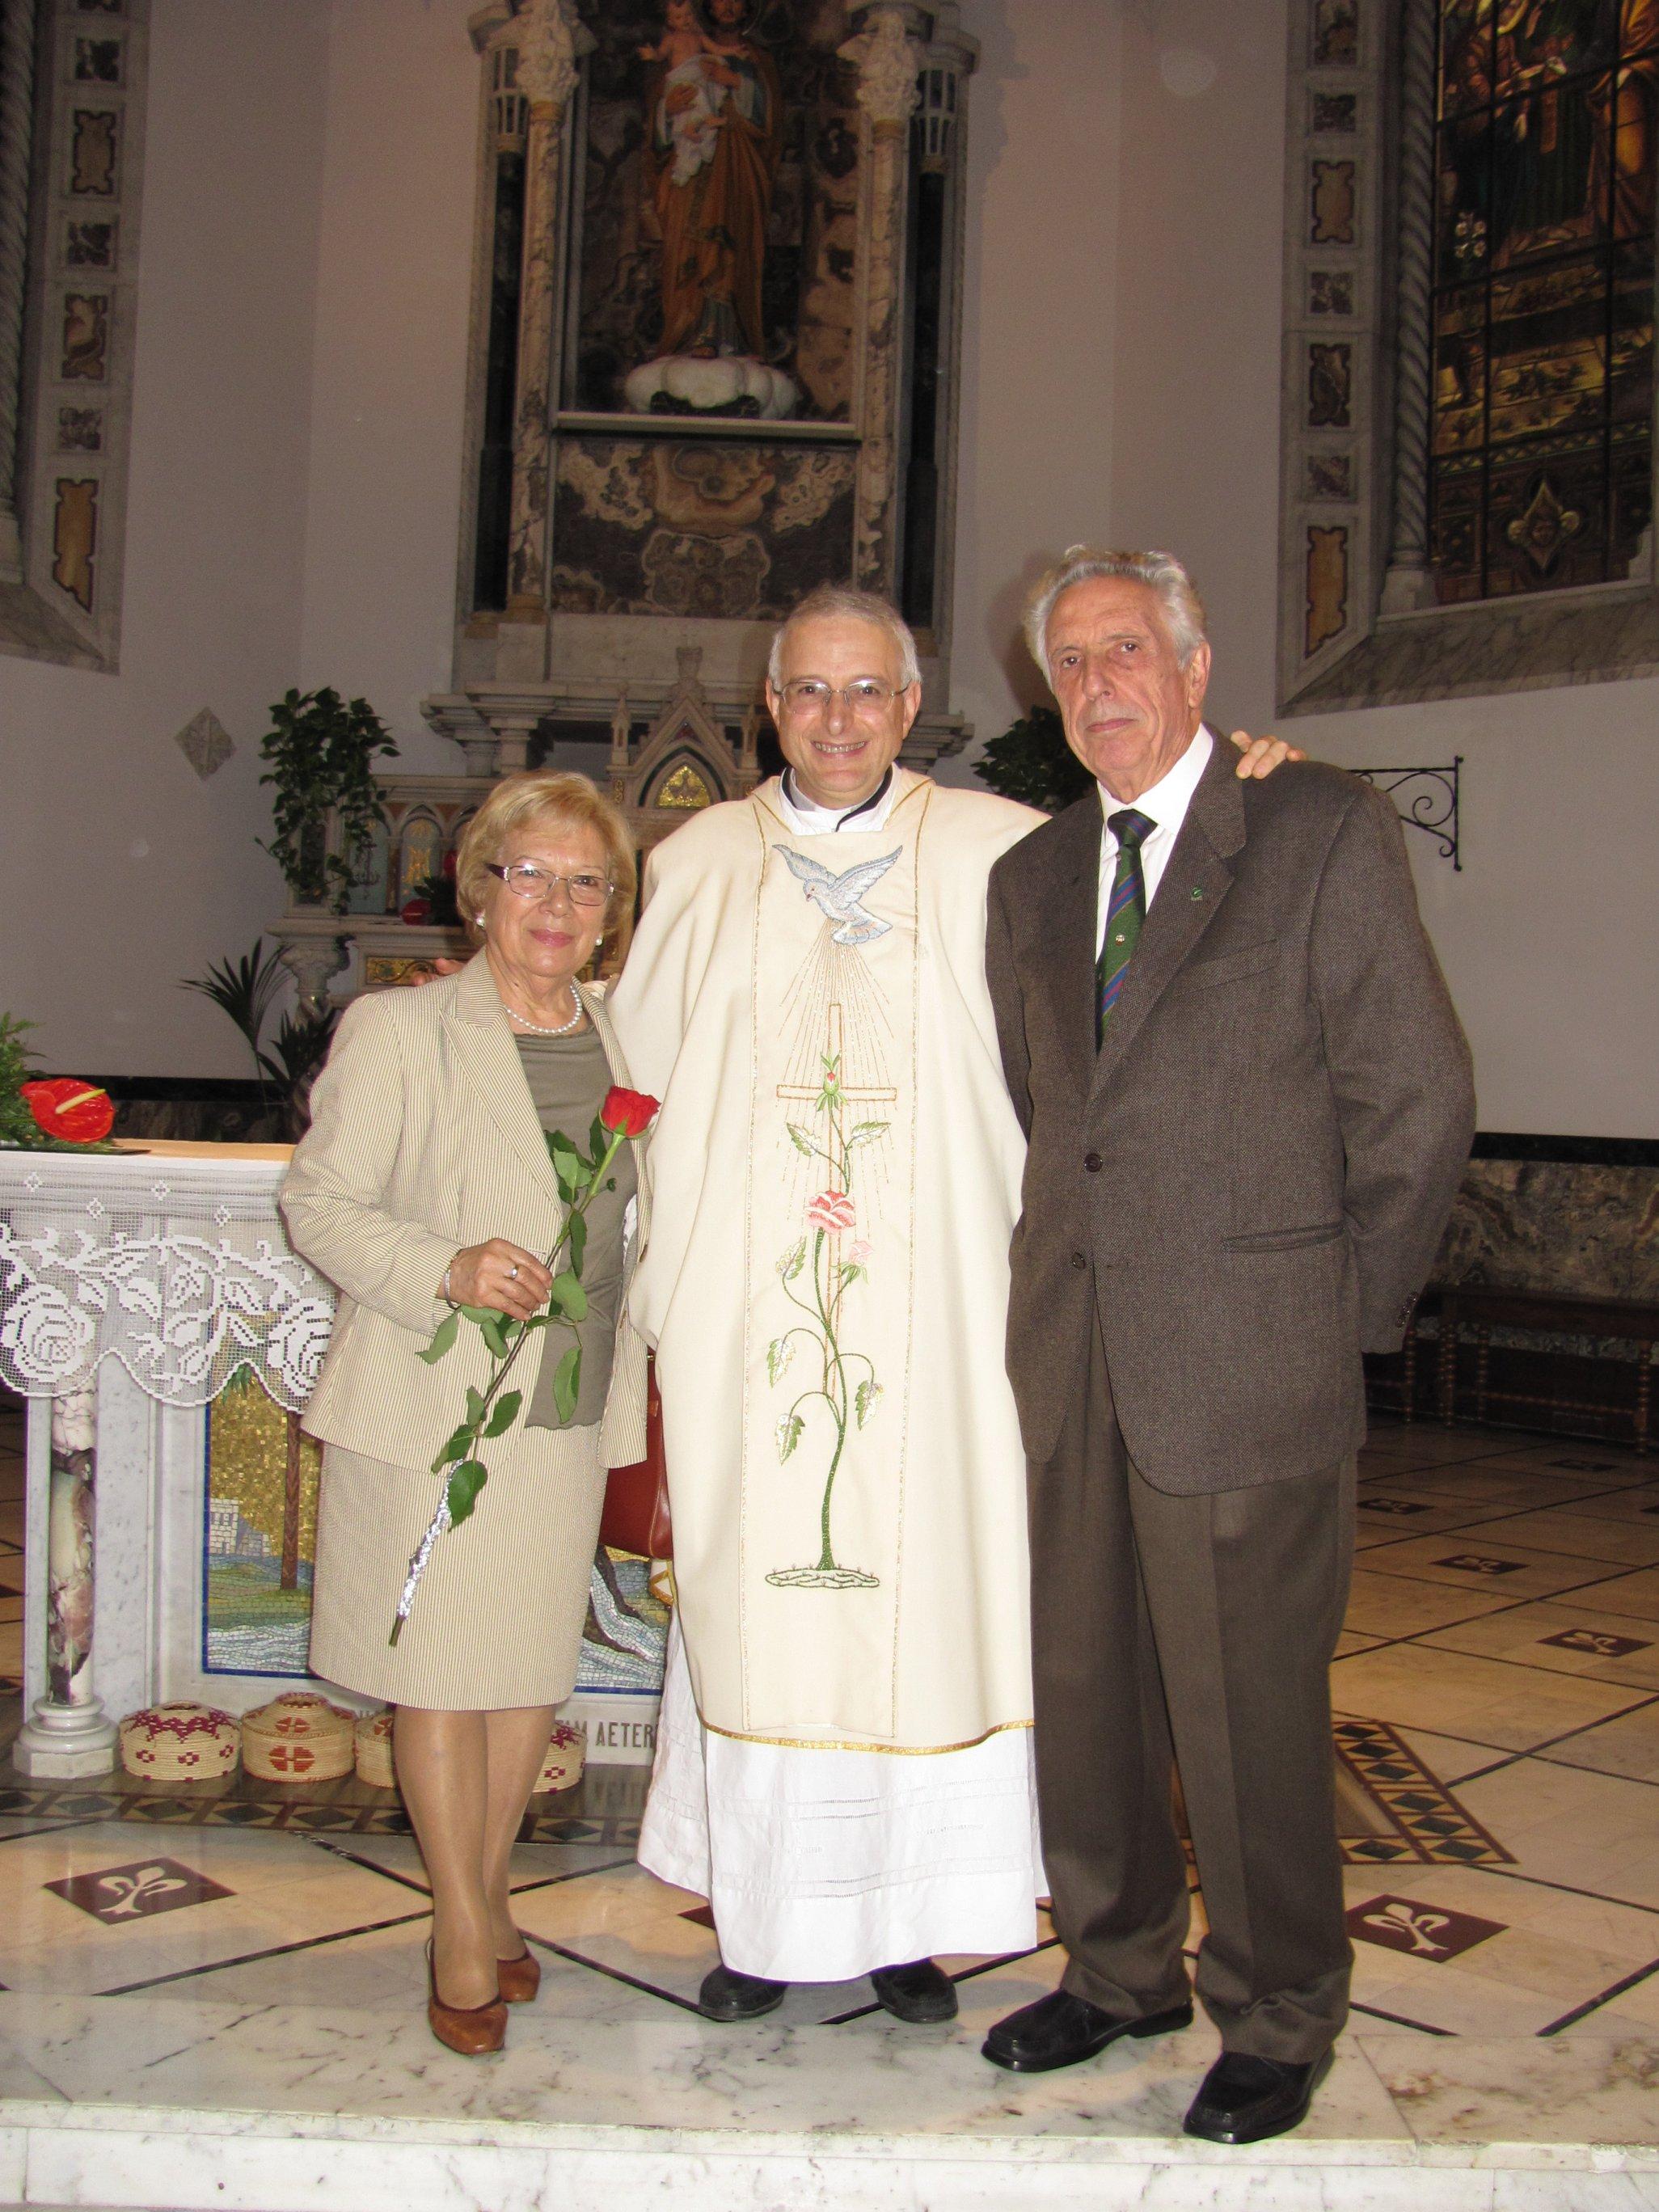 anniversari_di_matrimonio_e_di_ordinazione_2012-06-03-11-29-24